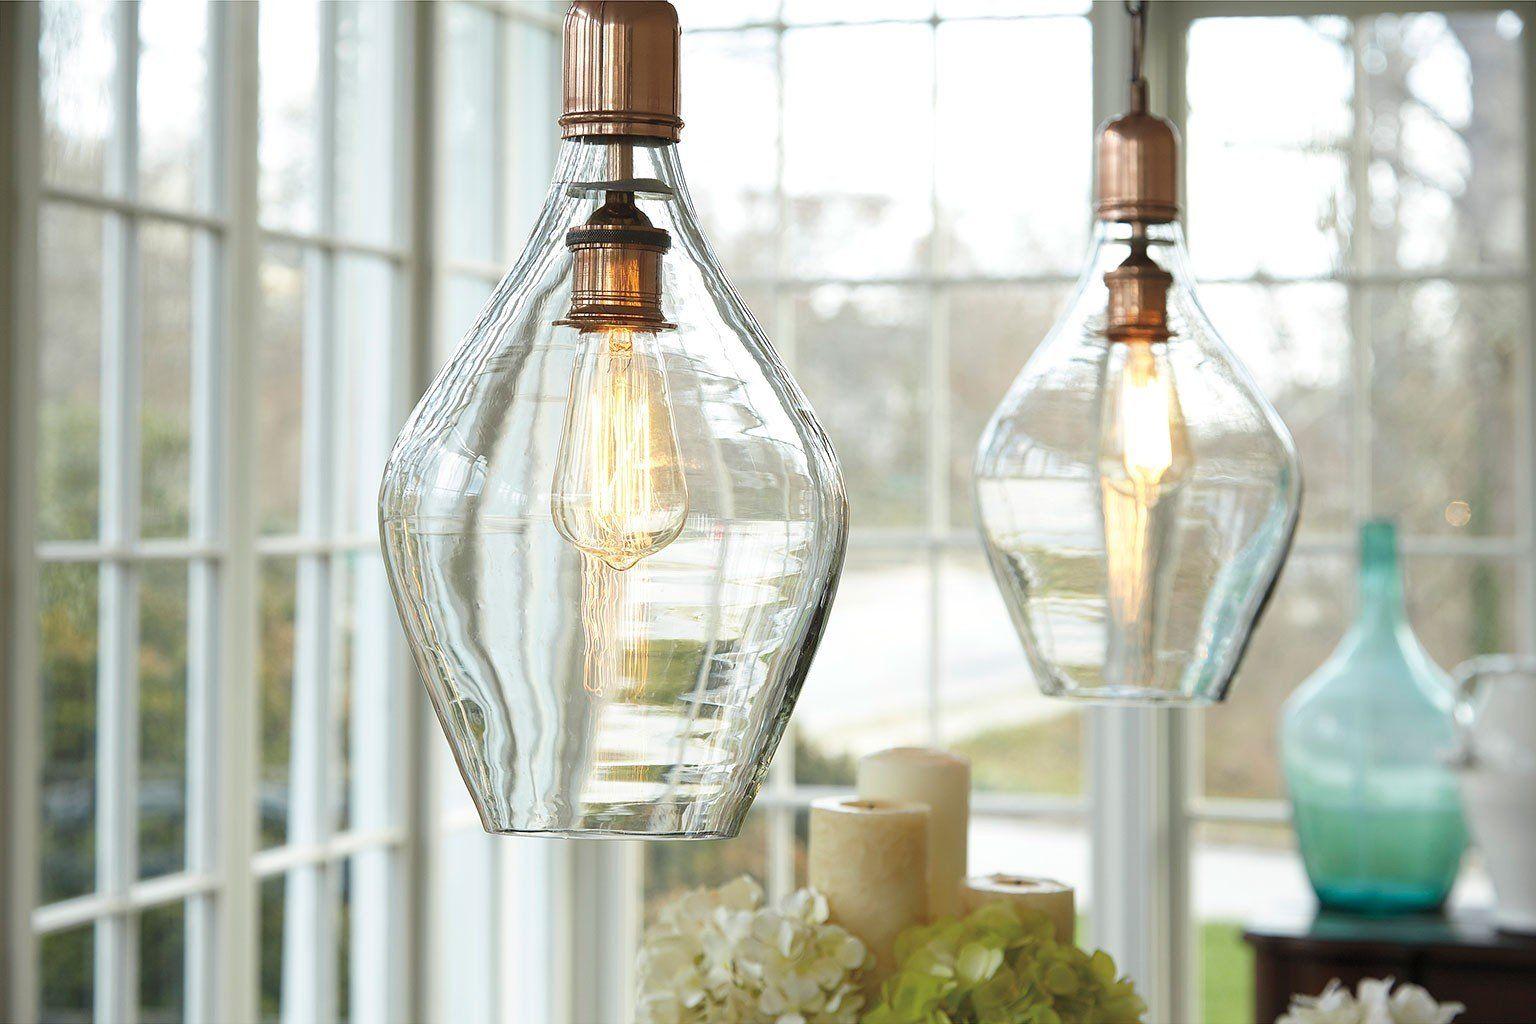 Gaenor glass pendant light clearcopper in lighting